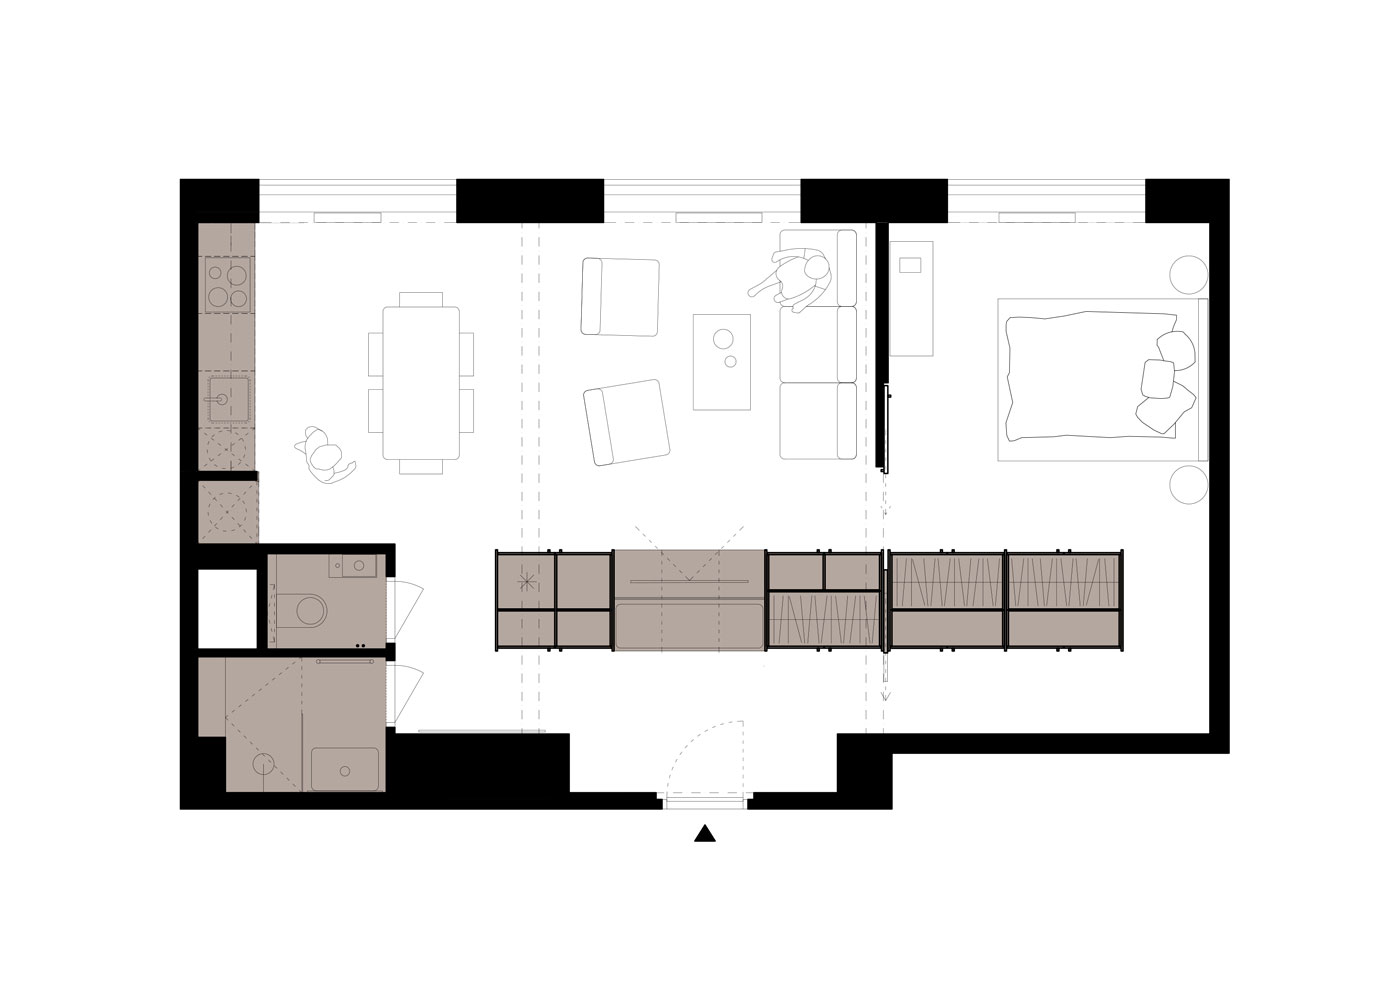 noiz-architekti-interier-byt-lublanska-09